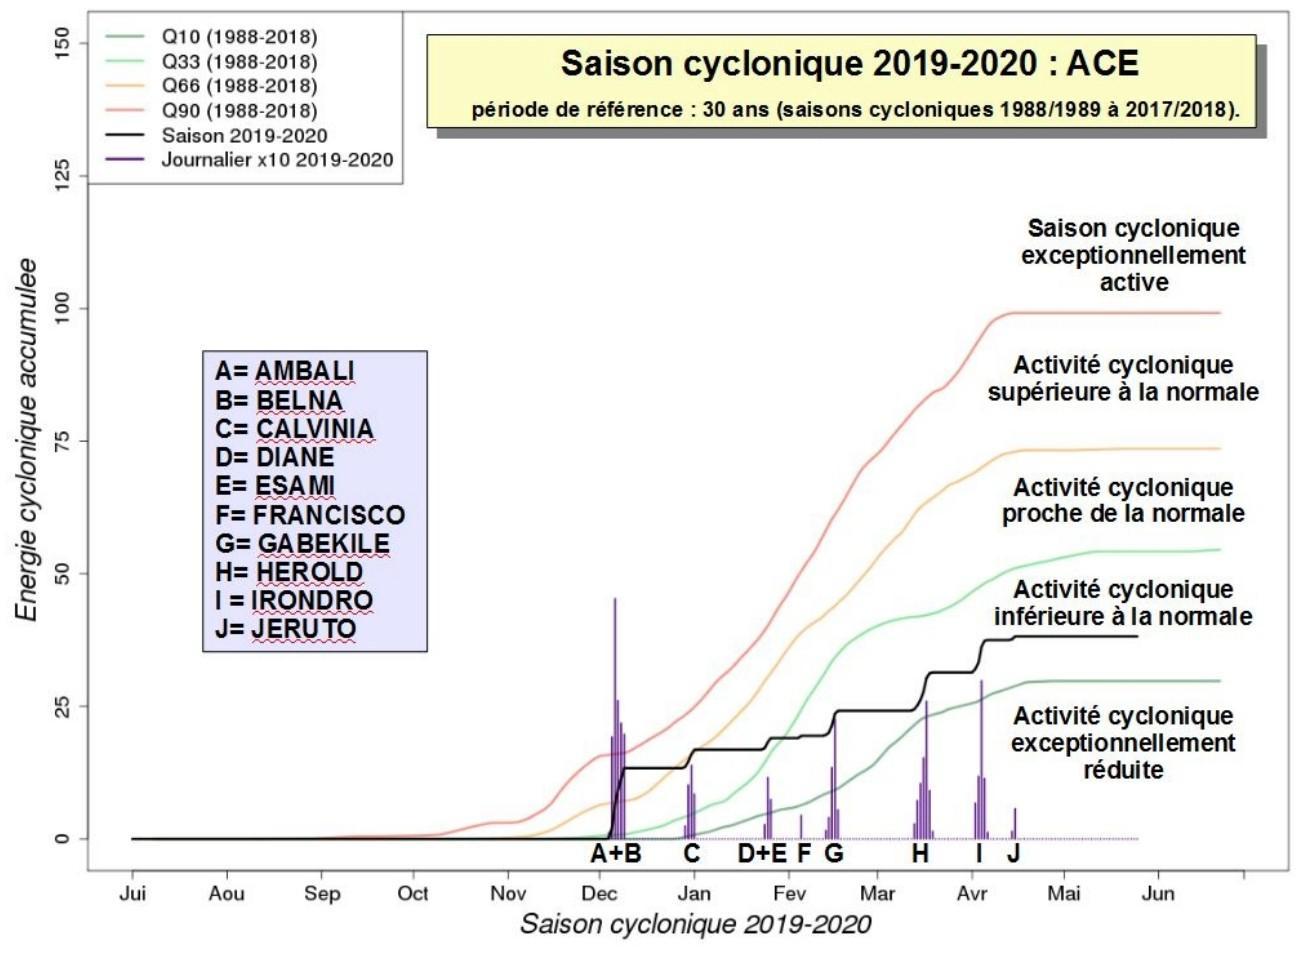 Indice ace saison cyclonique 2019 2020